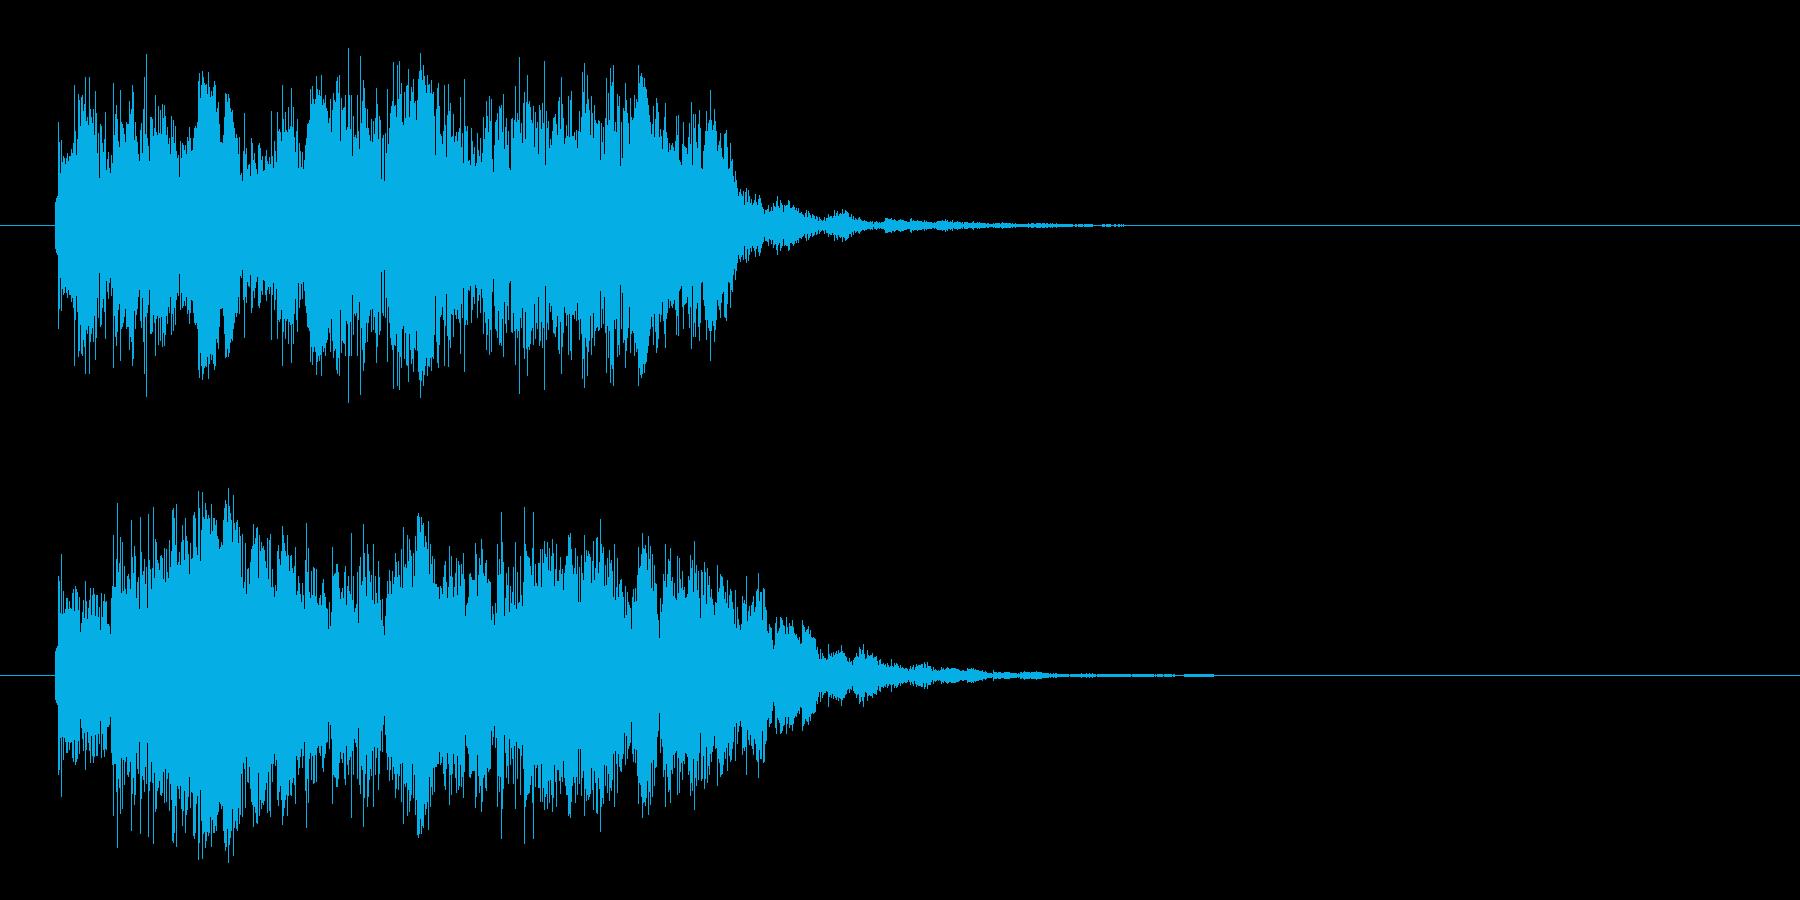 ビンゴ(一列そろったおめでとう!)の再生済みの波形